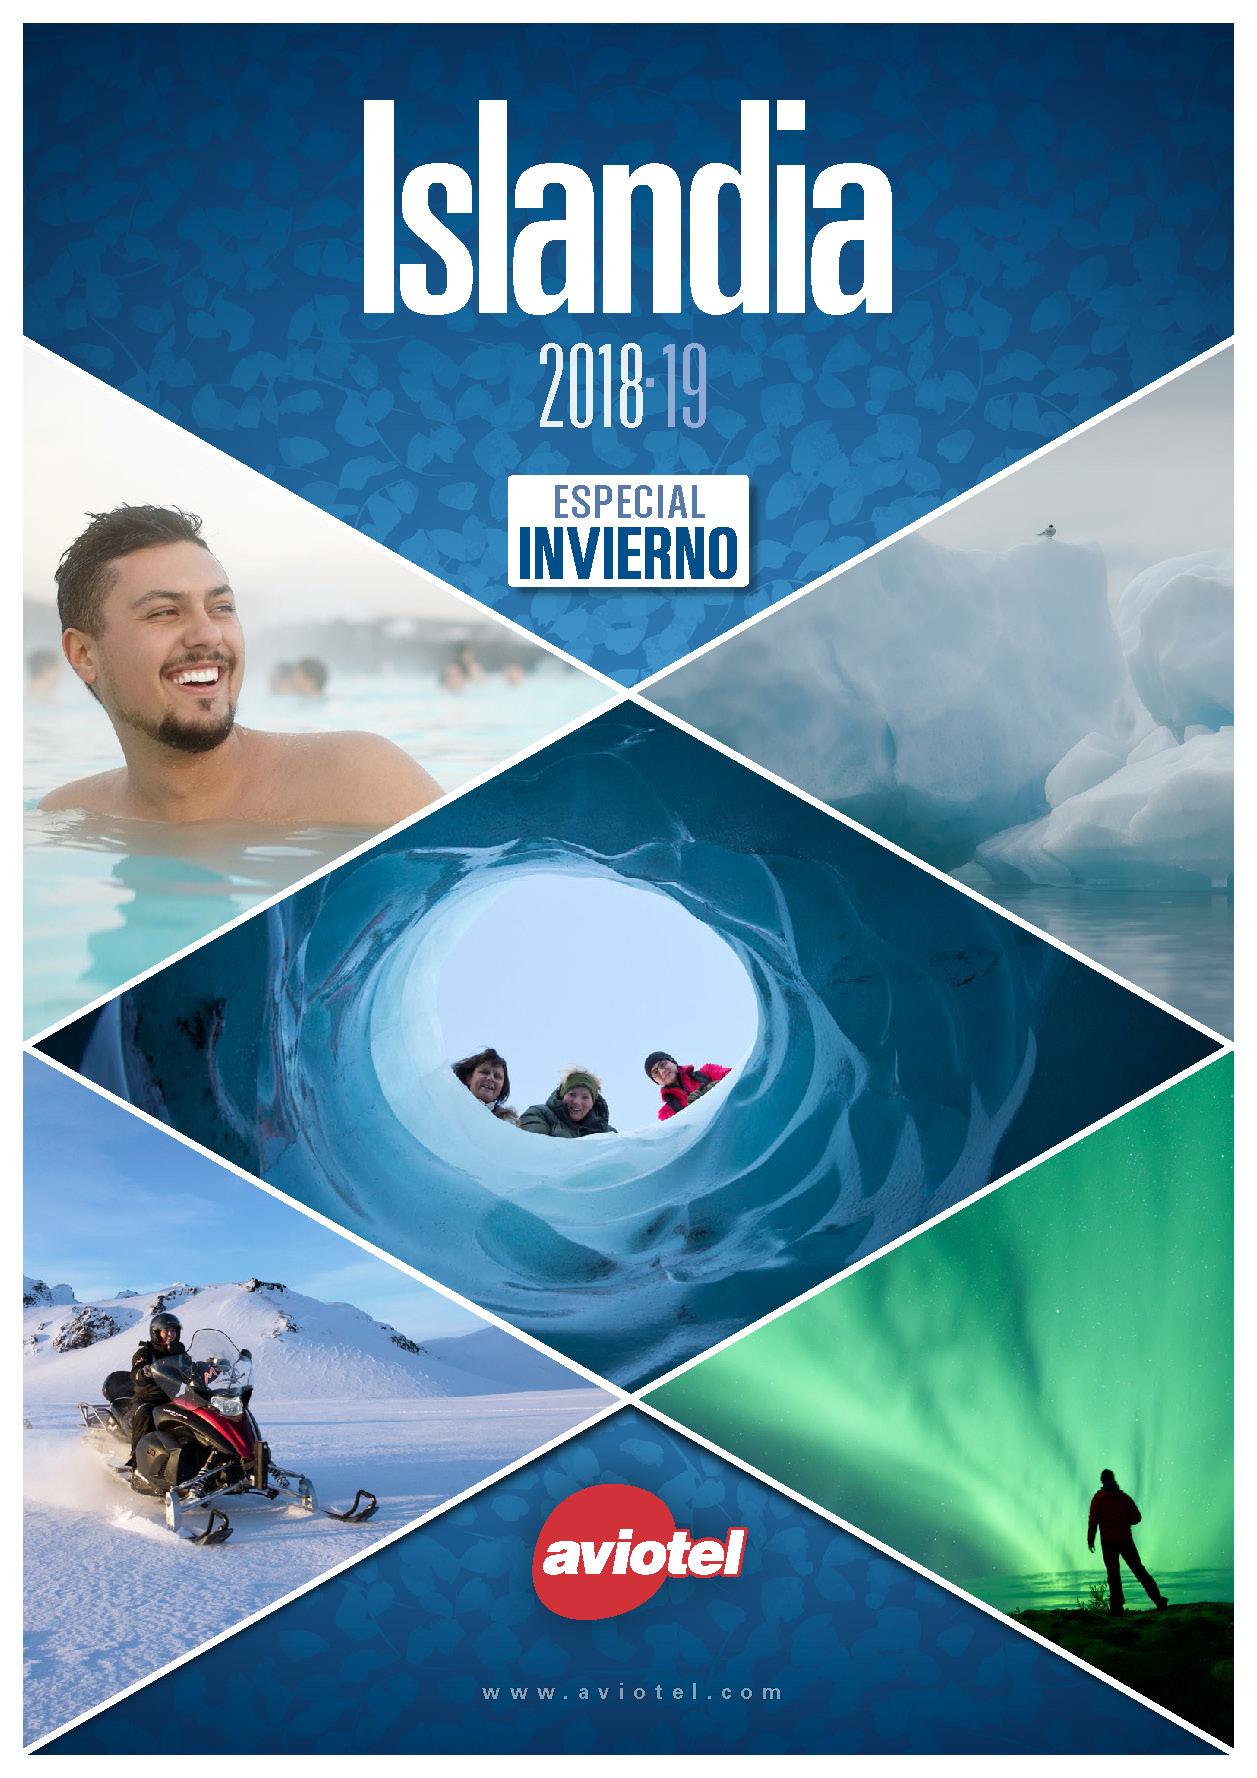 Catalogo Aviotel Islandia Invierno 2018-2019